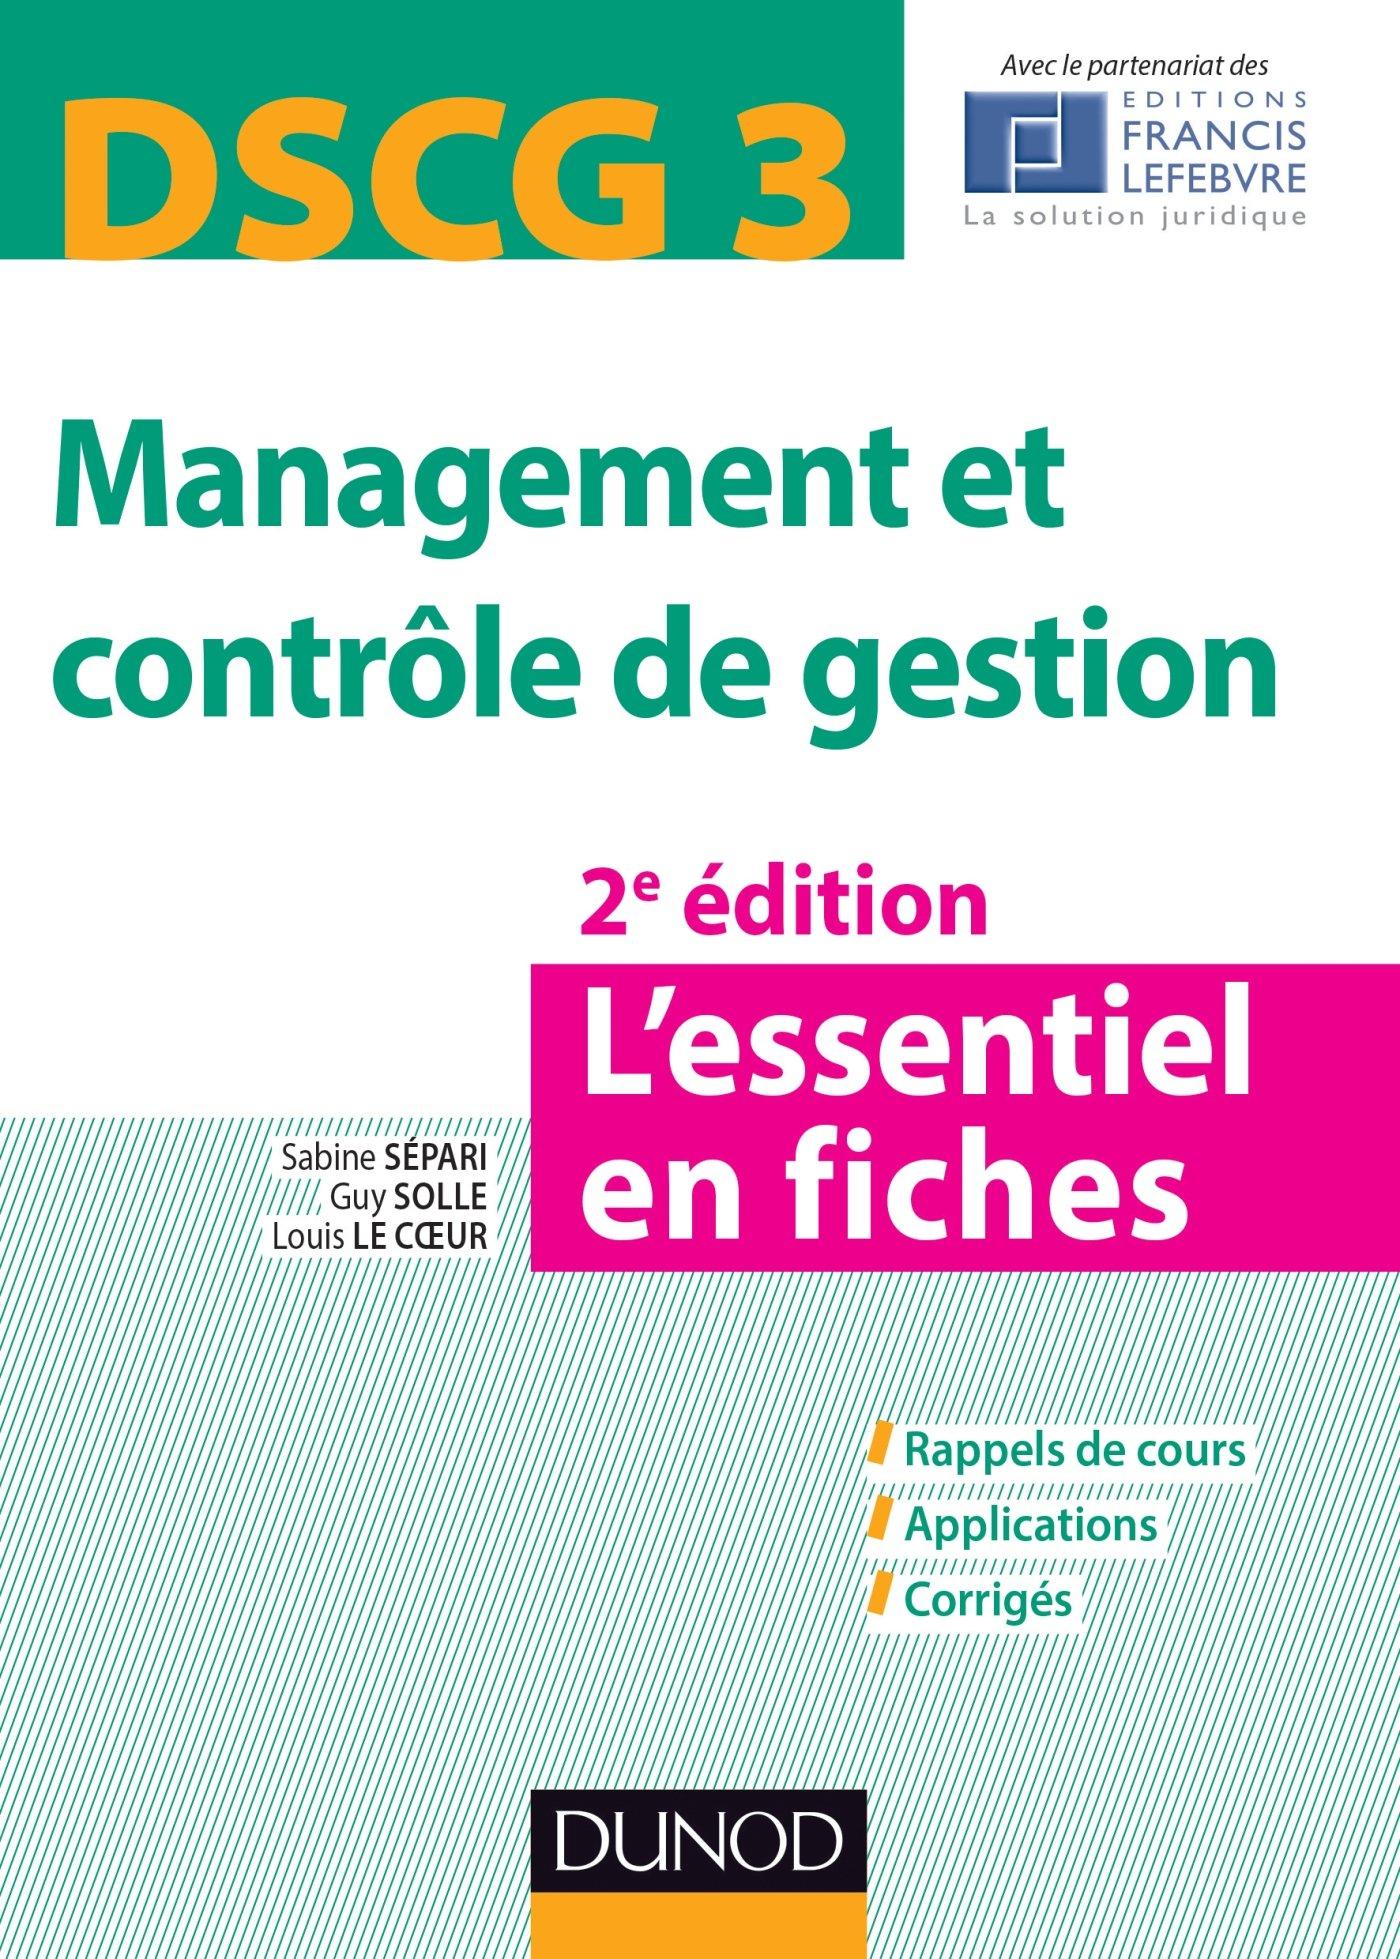 DSCG 3 – Management et contrôle de gestion : L'essentiel en fiches